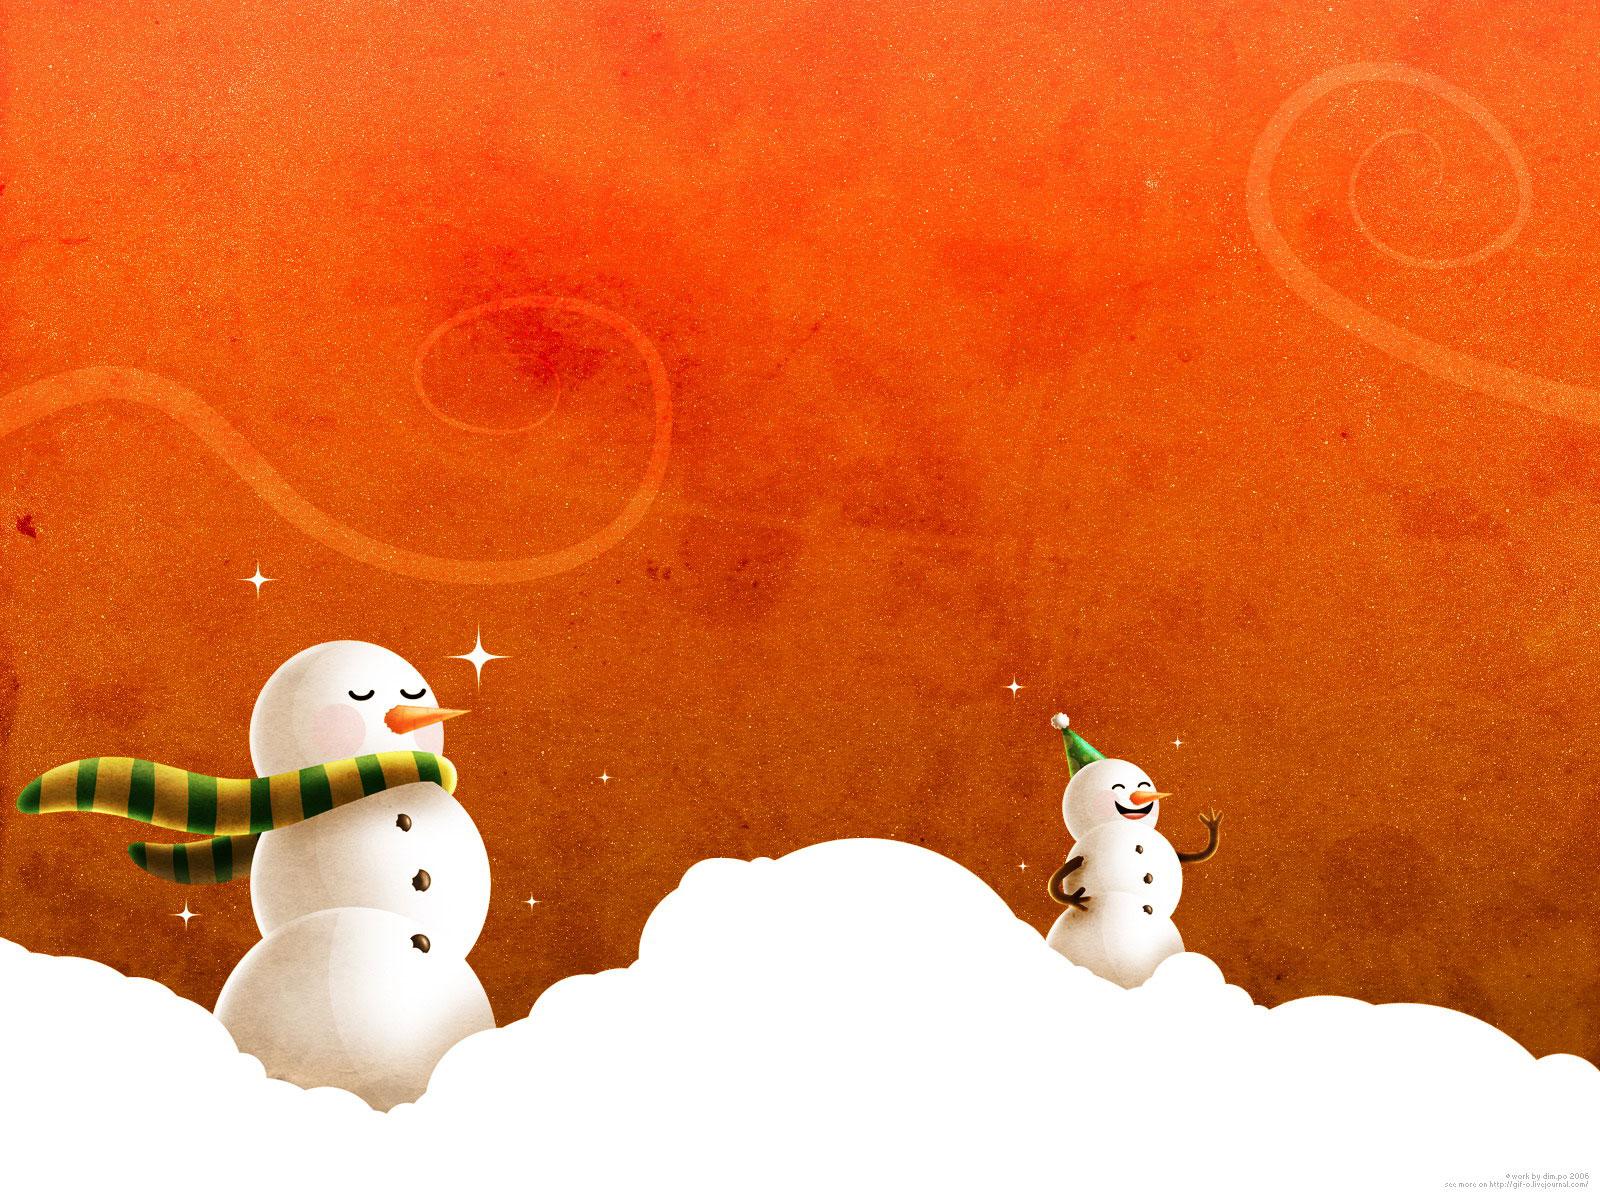 Wallpaper hombre de nieve